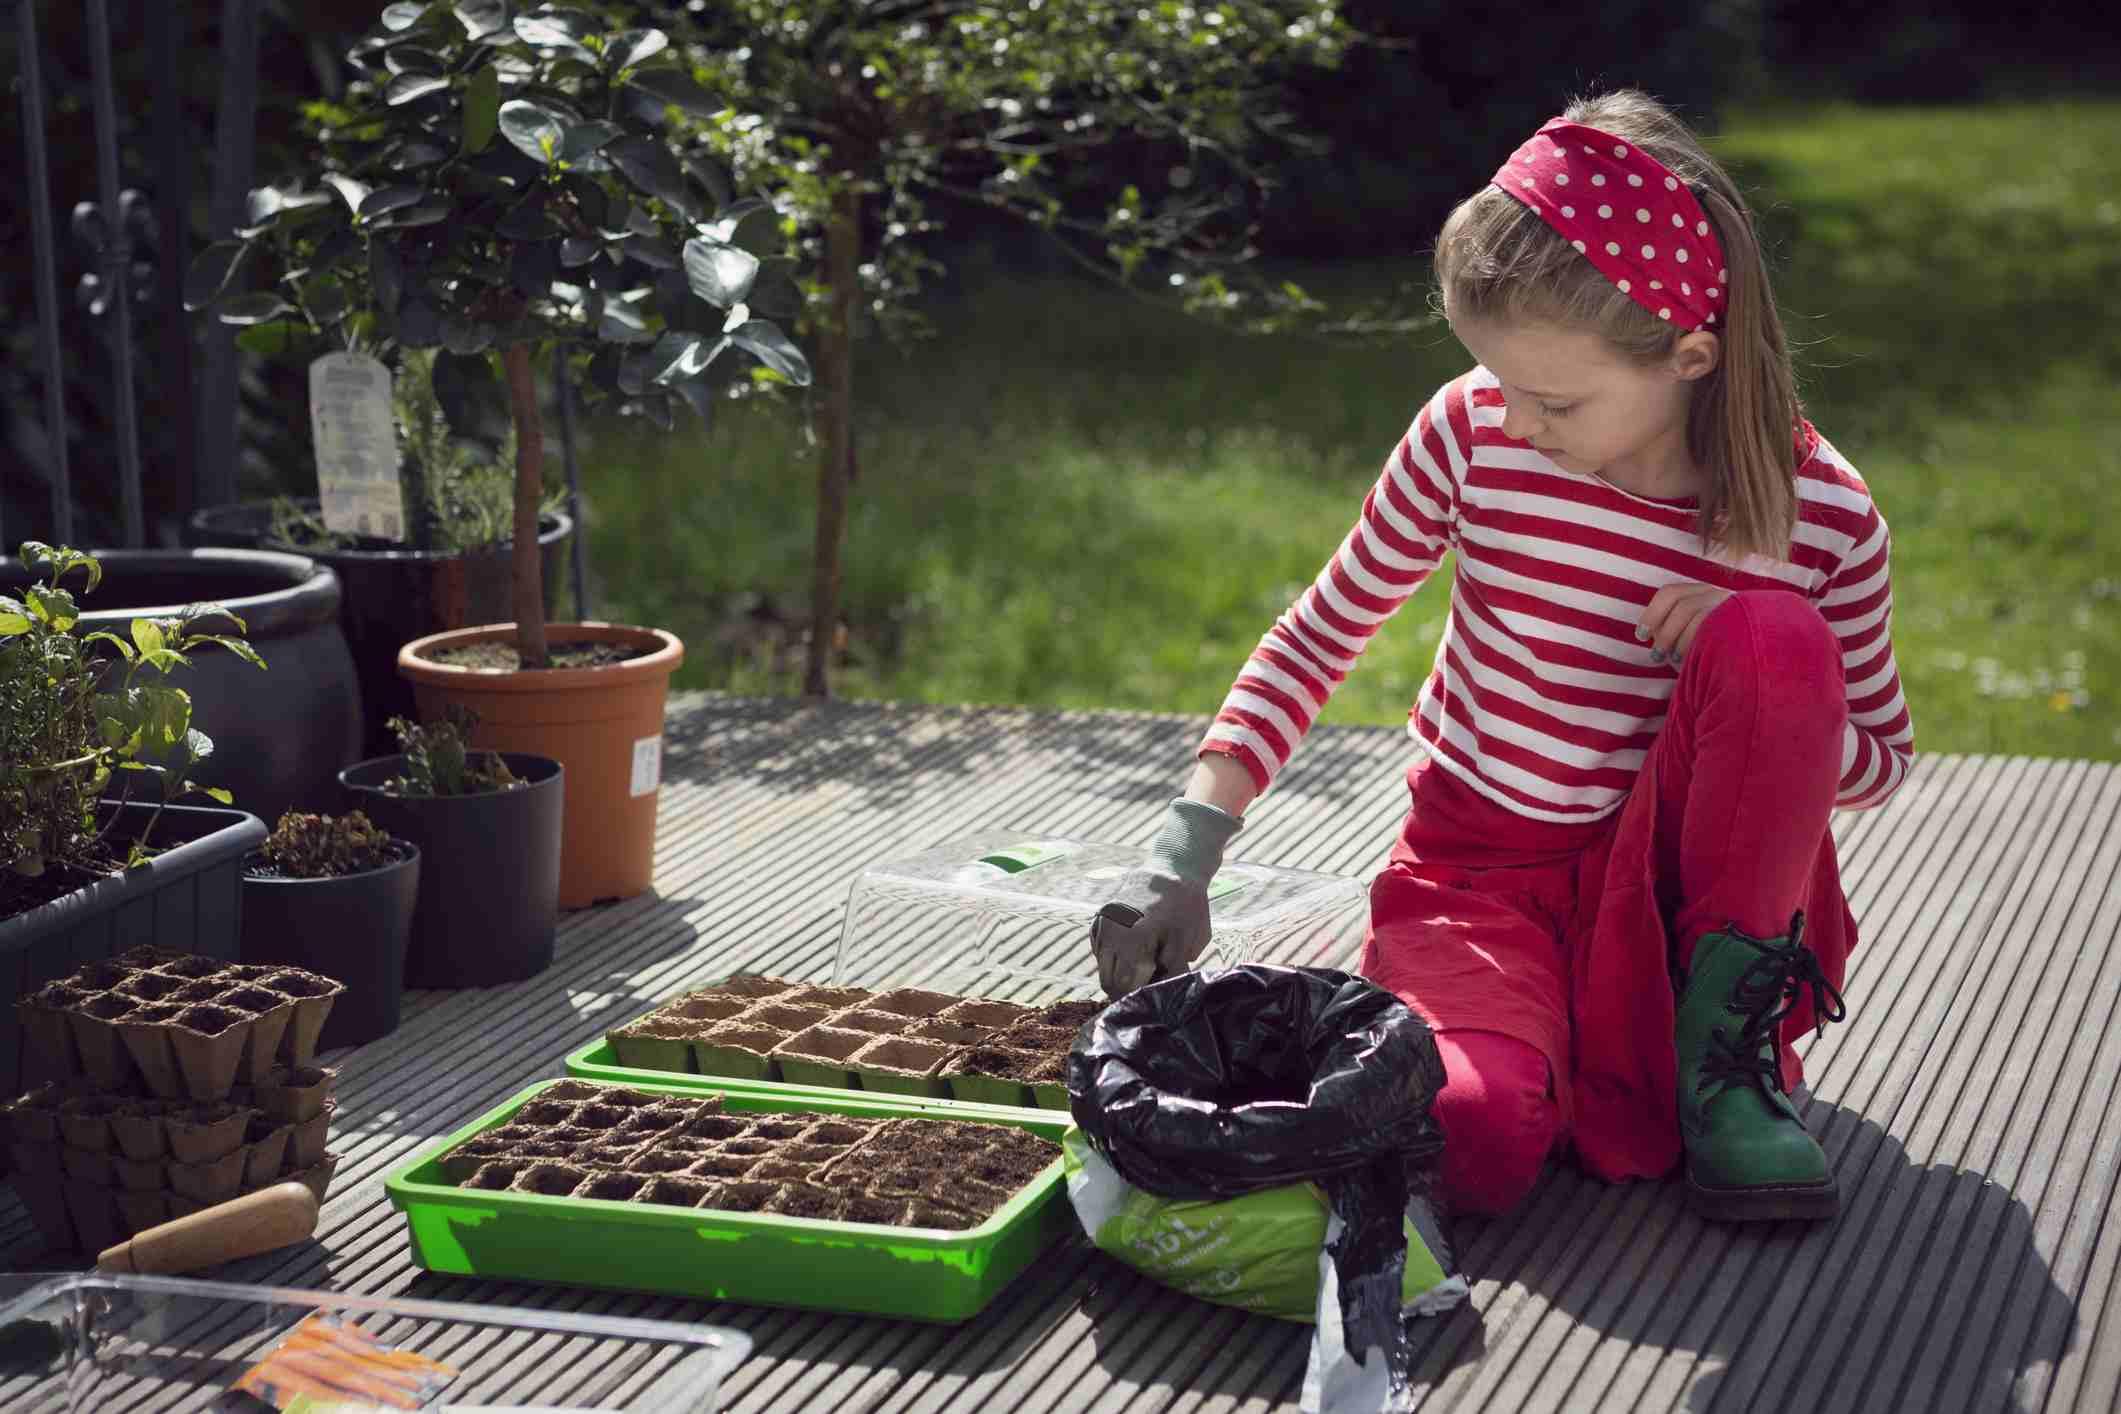 Niña plantando semillas en recipientes biodegradables